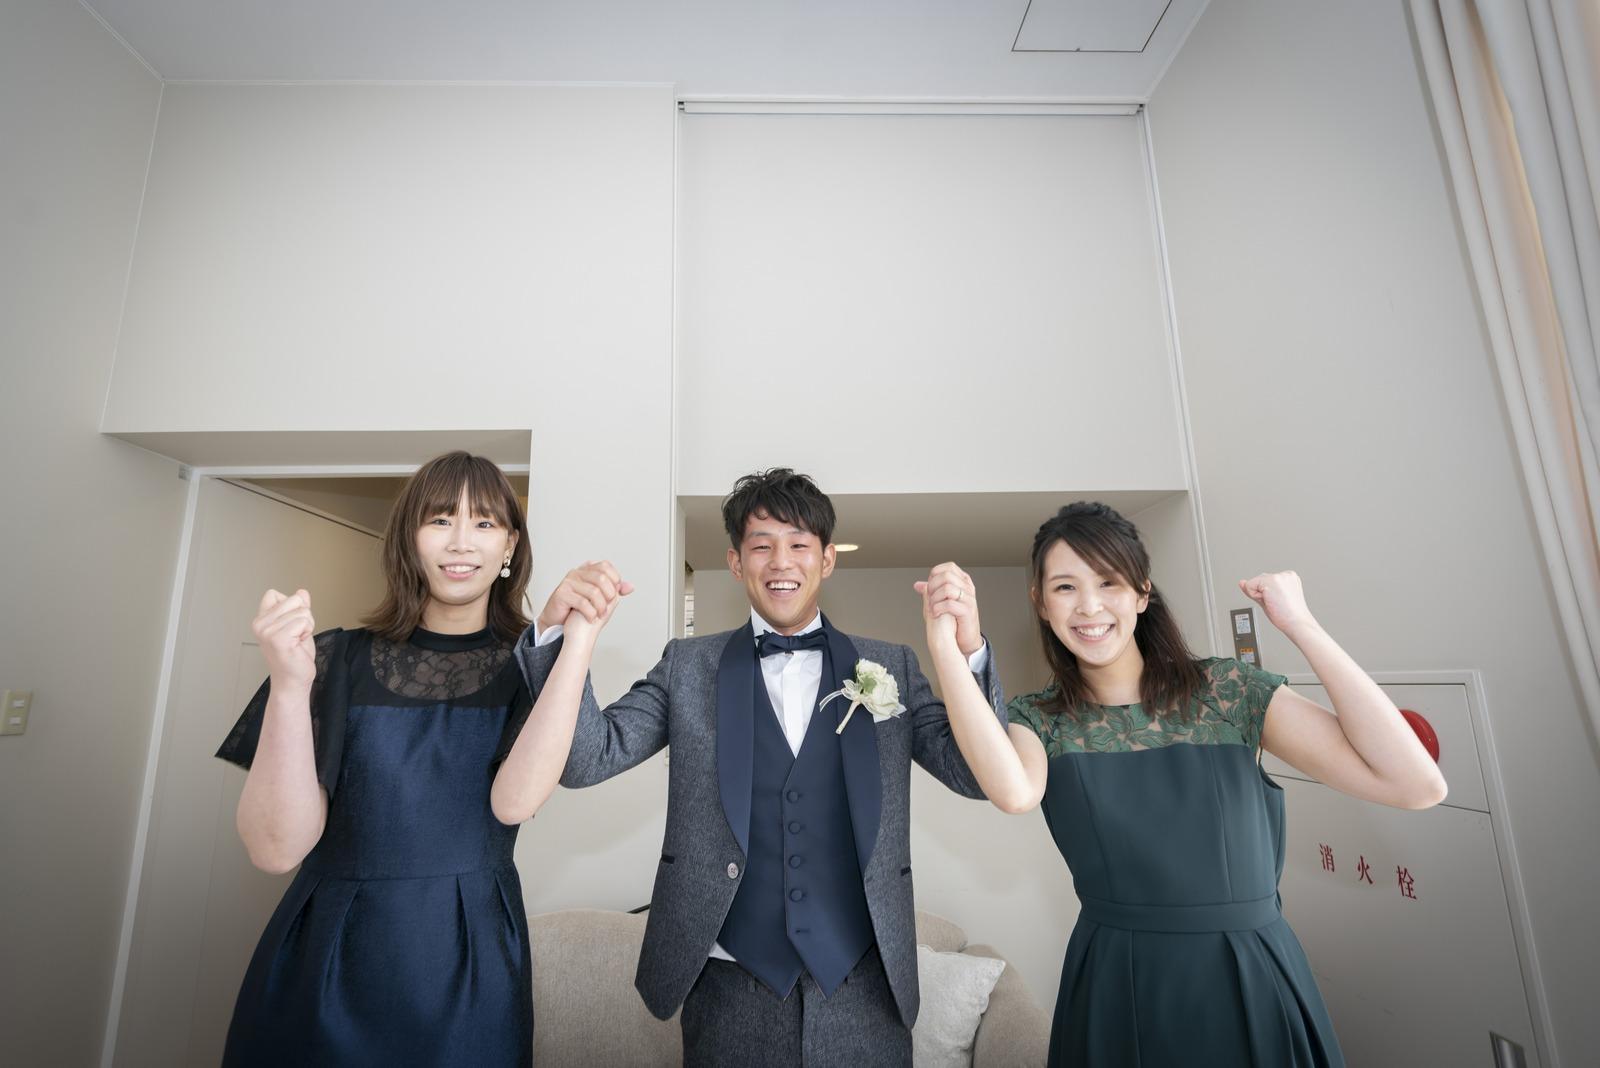 香川県の結婚式場シェルエメール&アイスタイルの新郎お色直し